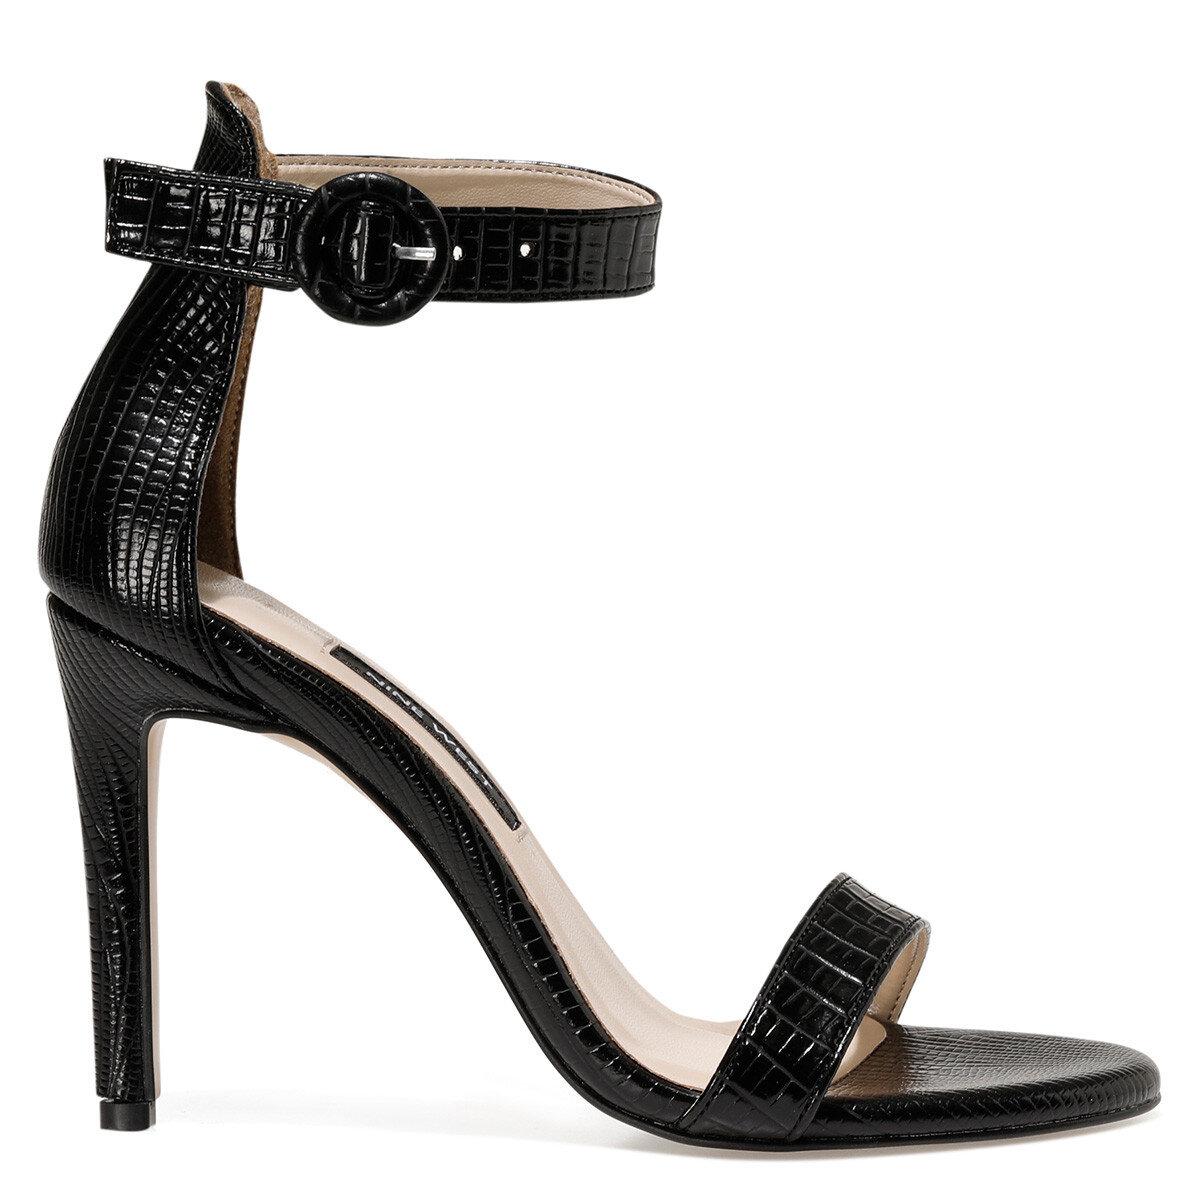 LINDIT4 Siyah Kadın Gova Ayakkabı